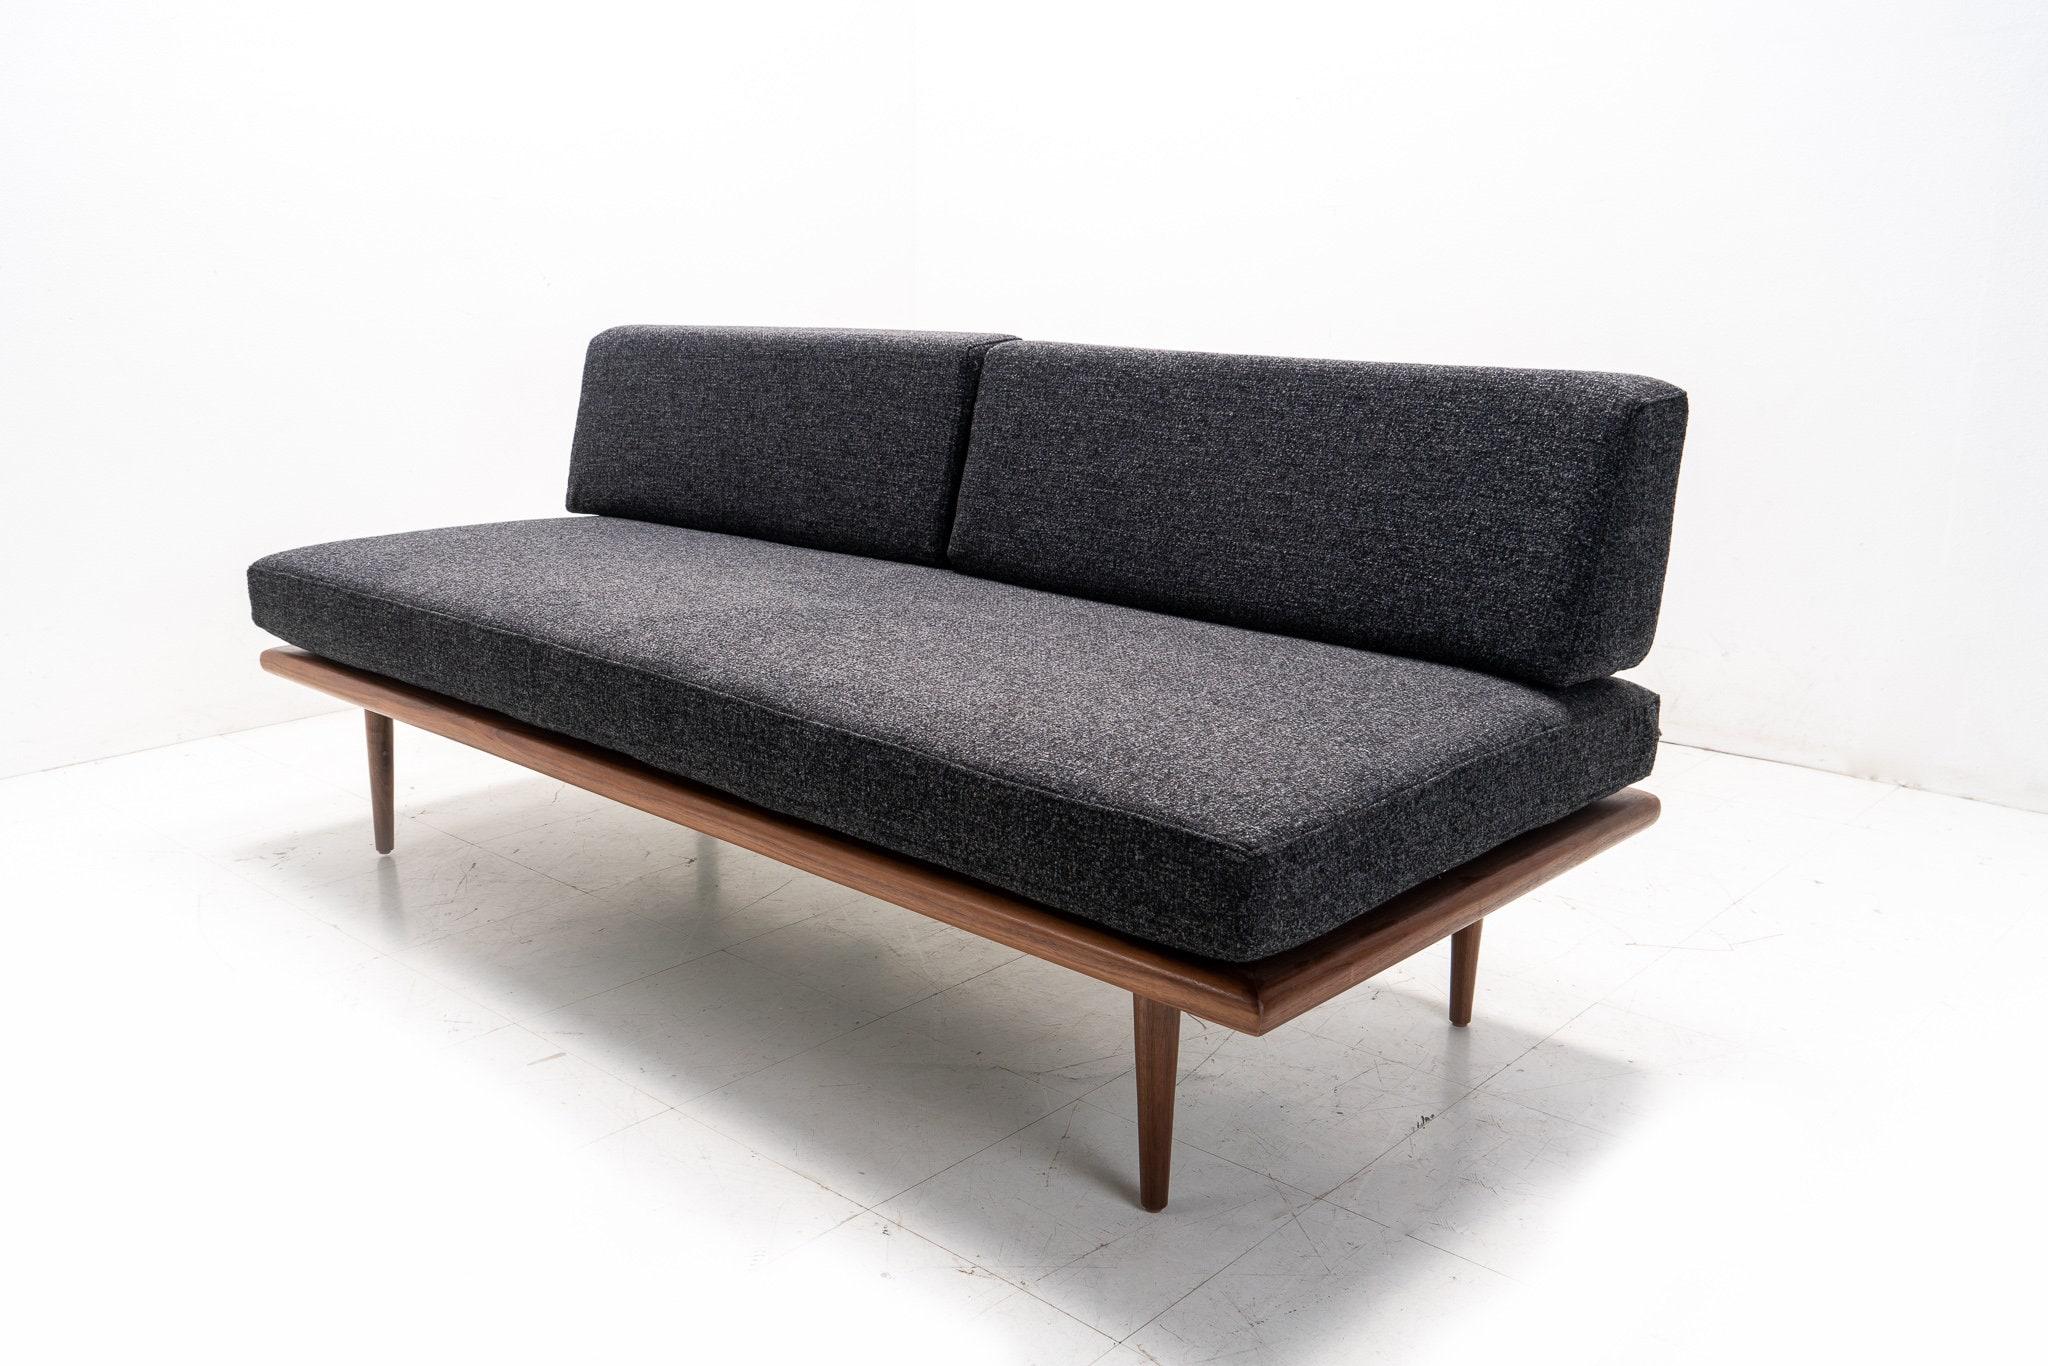 RV Living Room Idea Board - cover